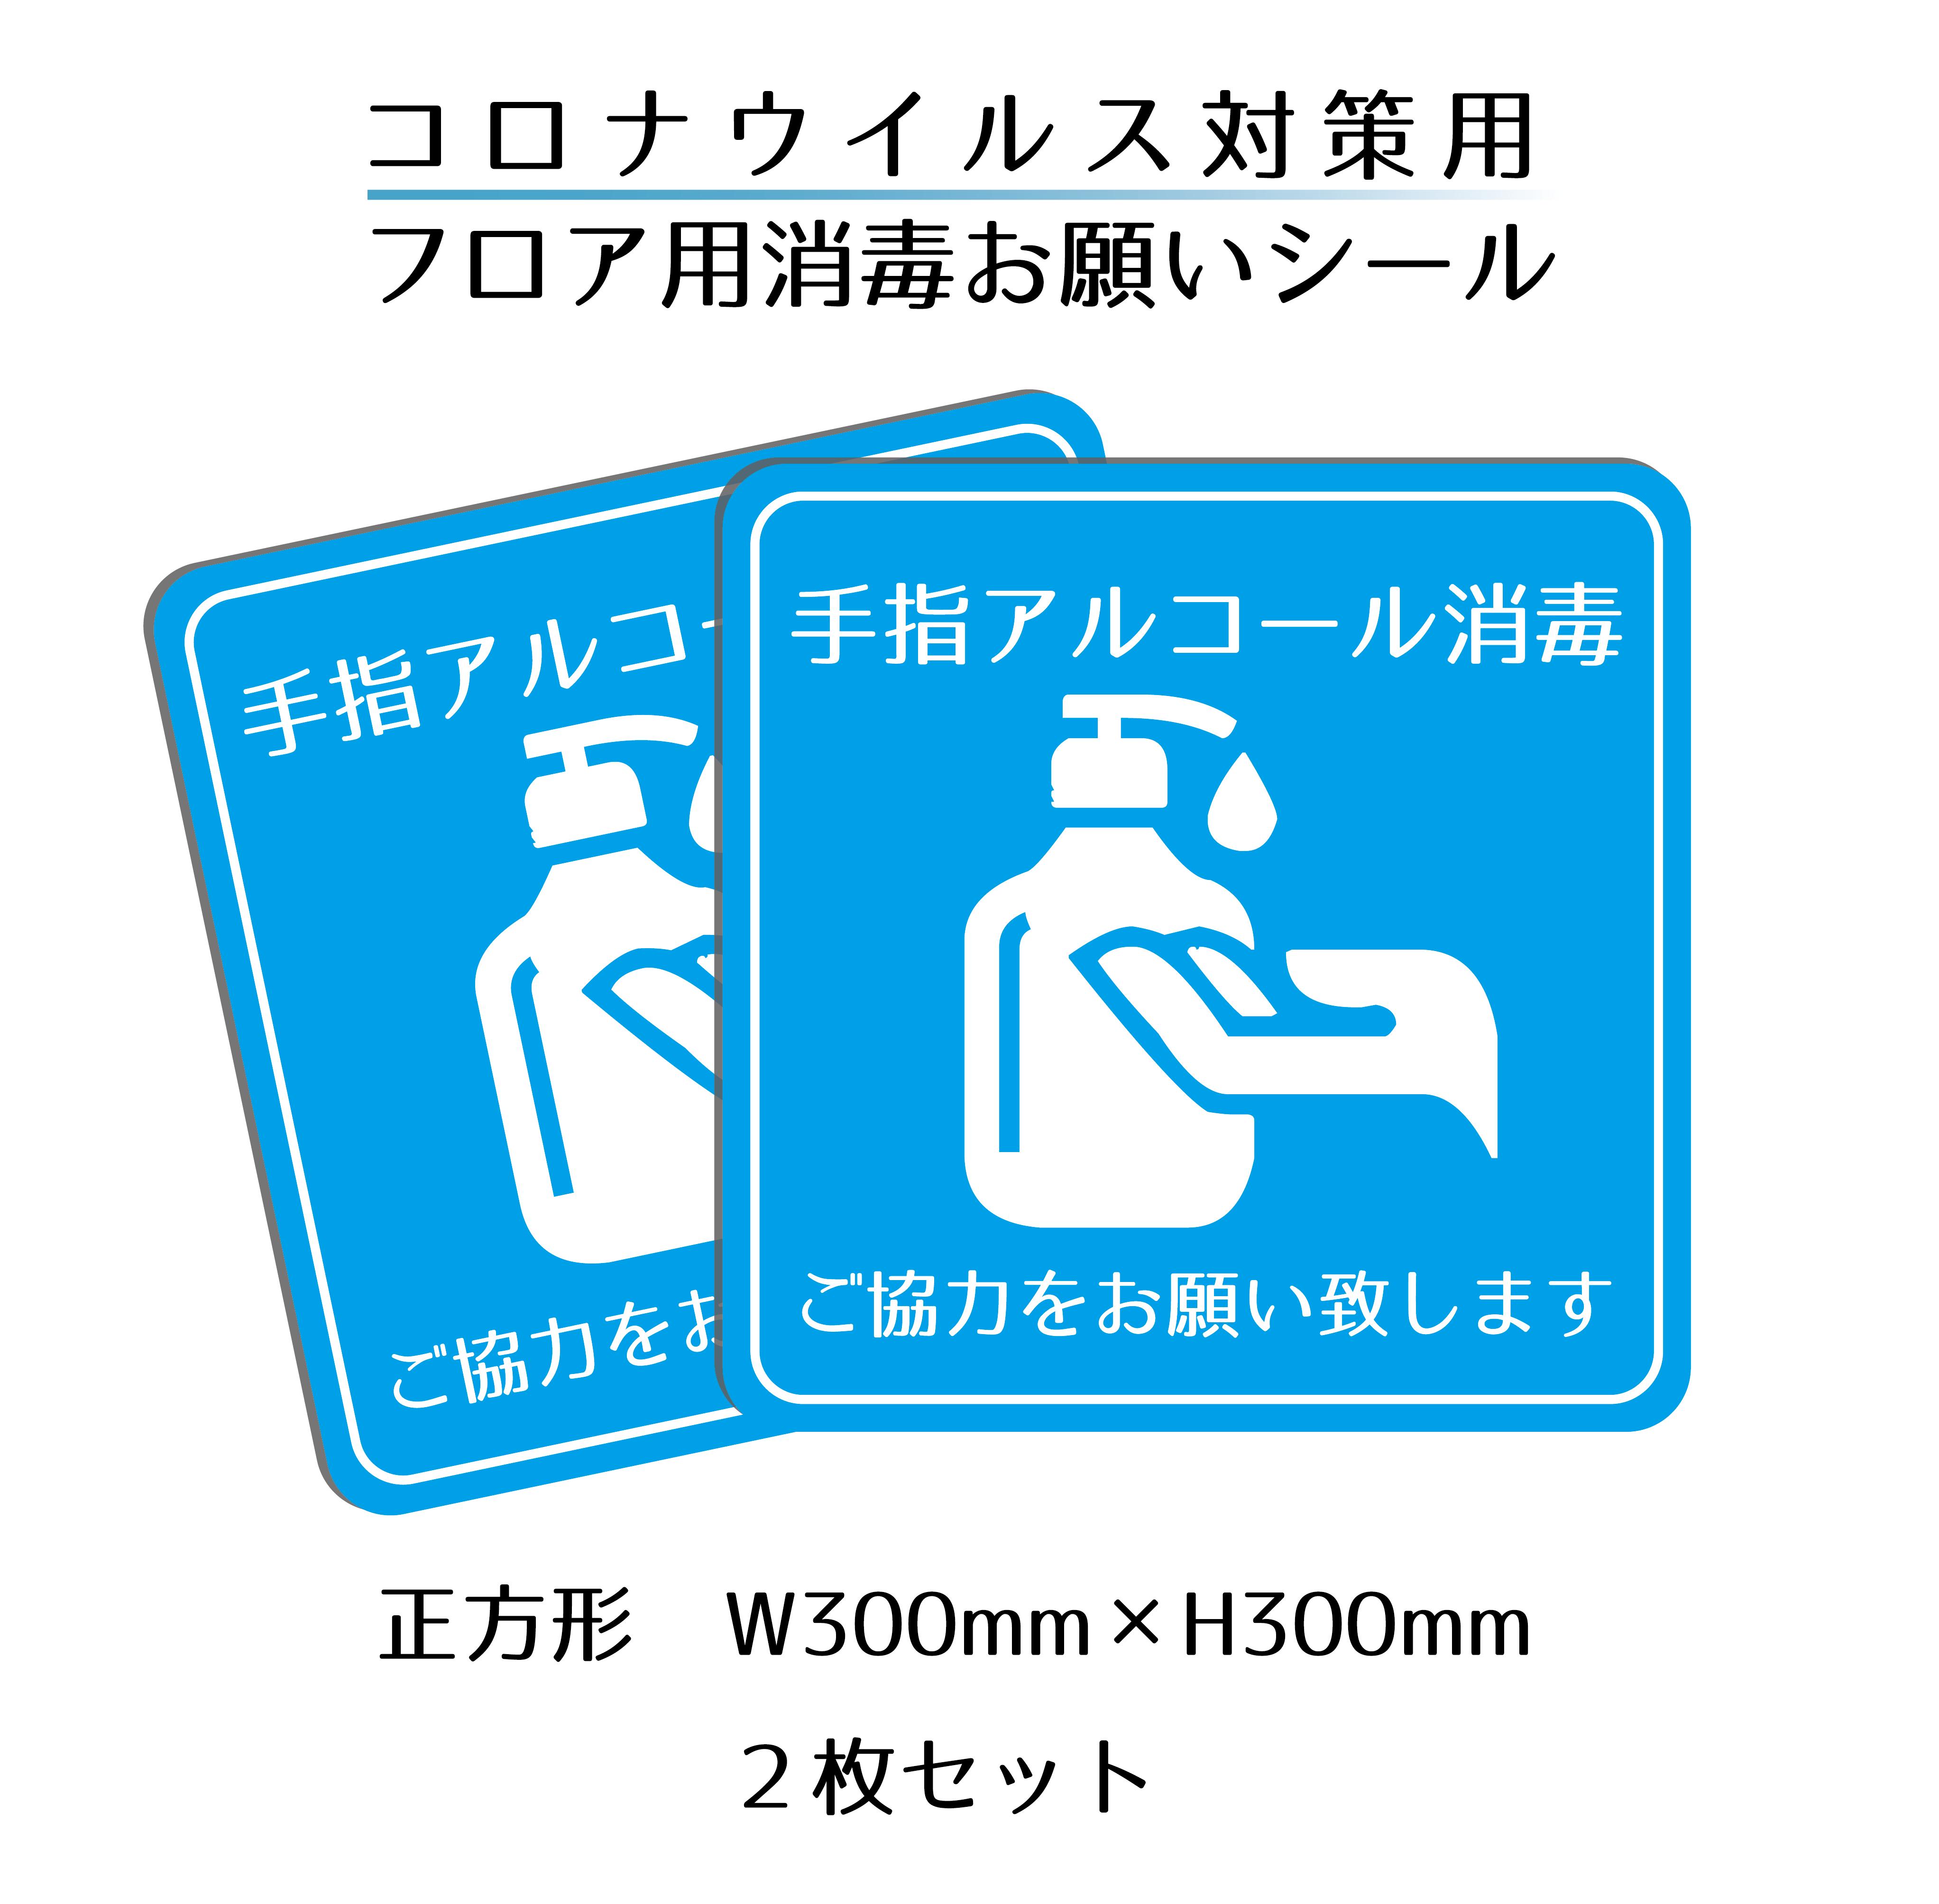 フロア用アルコール消毒のお願いシール 正方形型タイプ 2枚セット